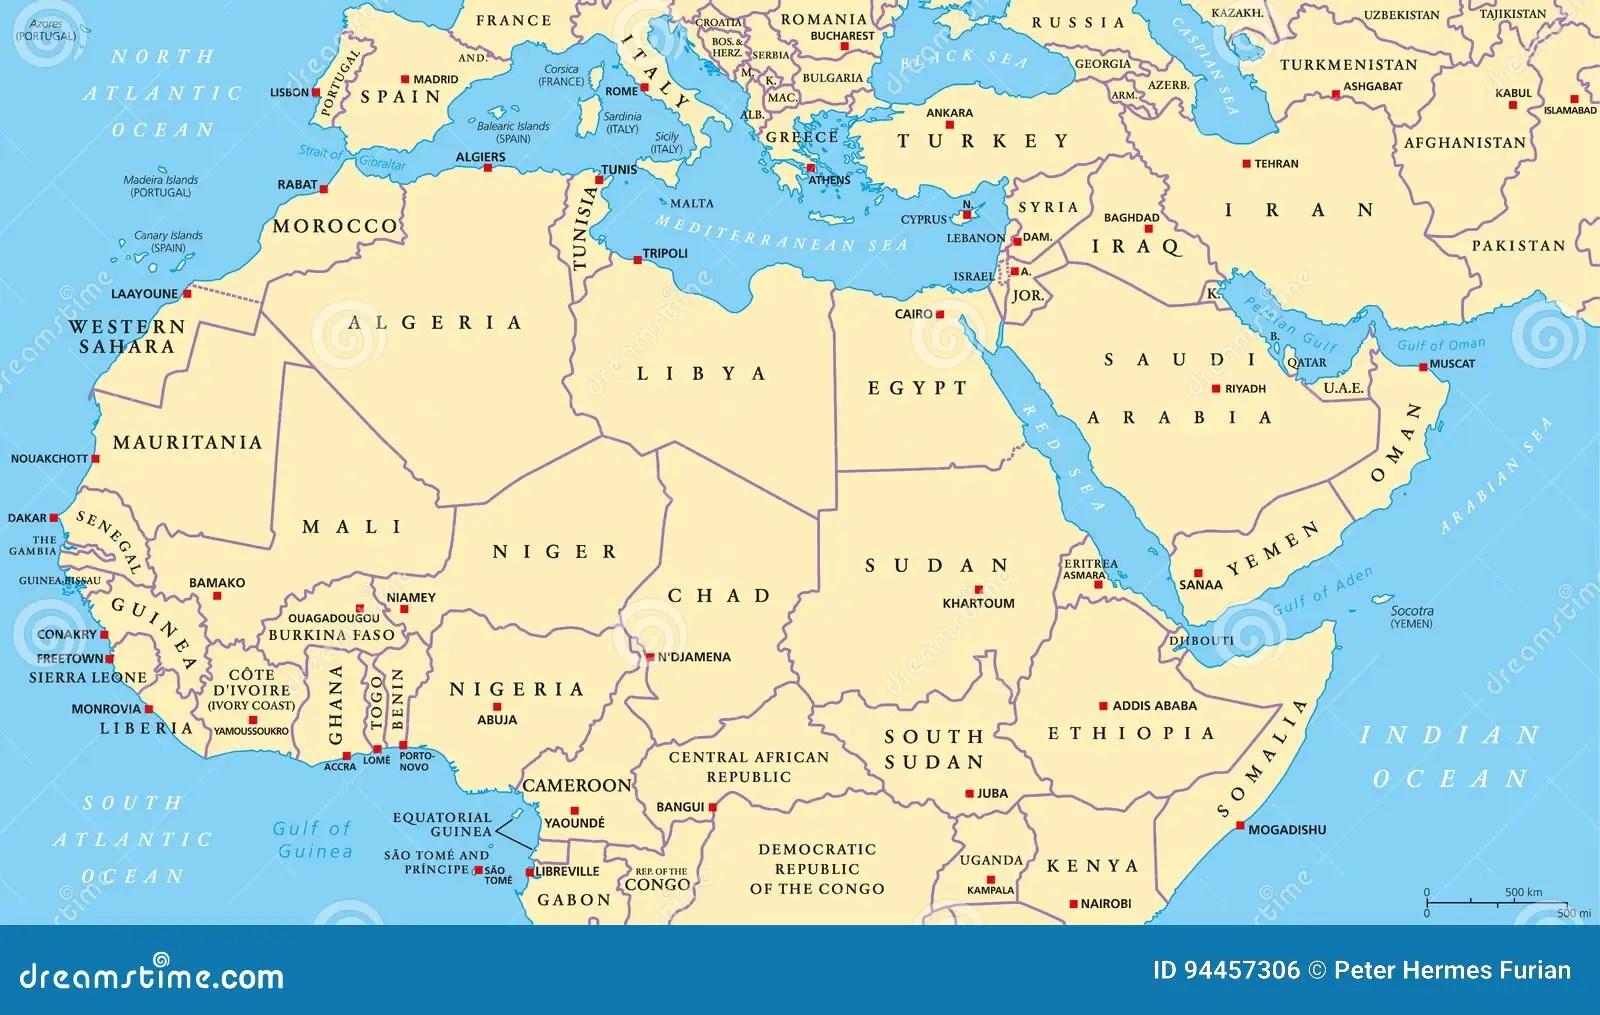 Afryka Polnocna I Rodkowy Wschod Polityczna Mapa